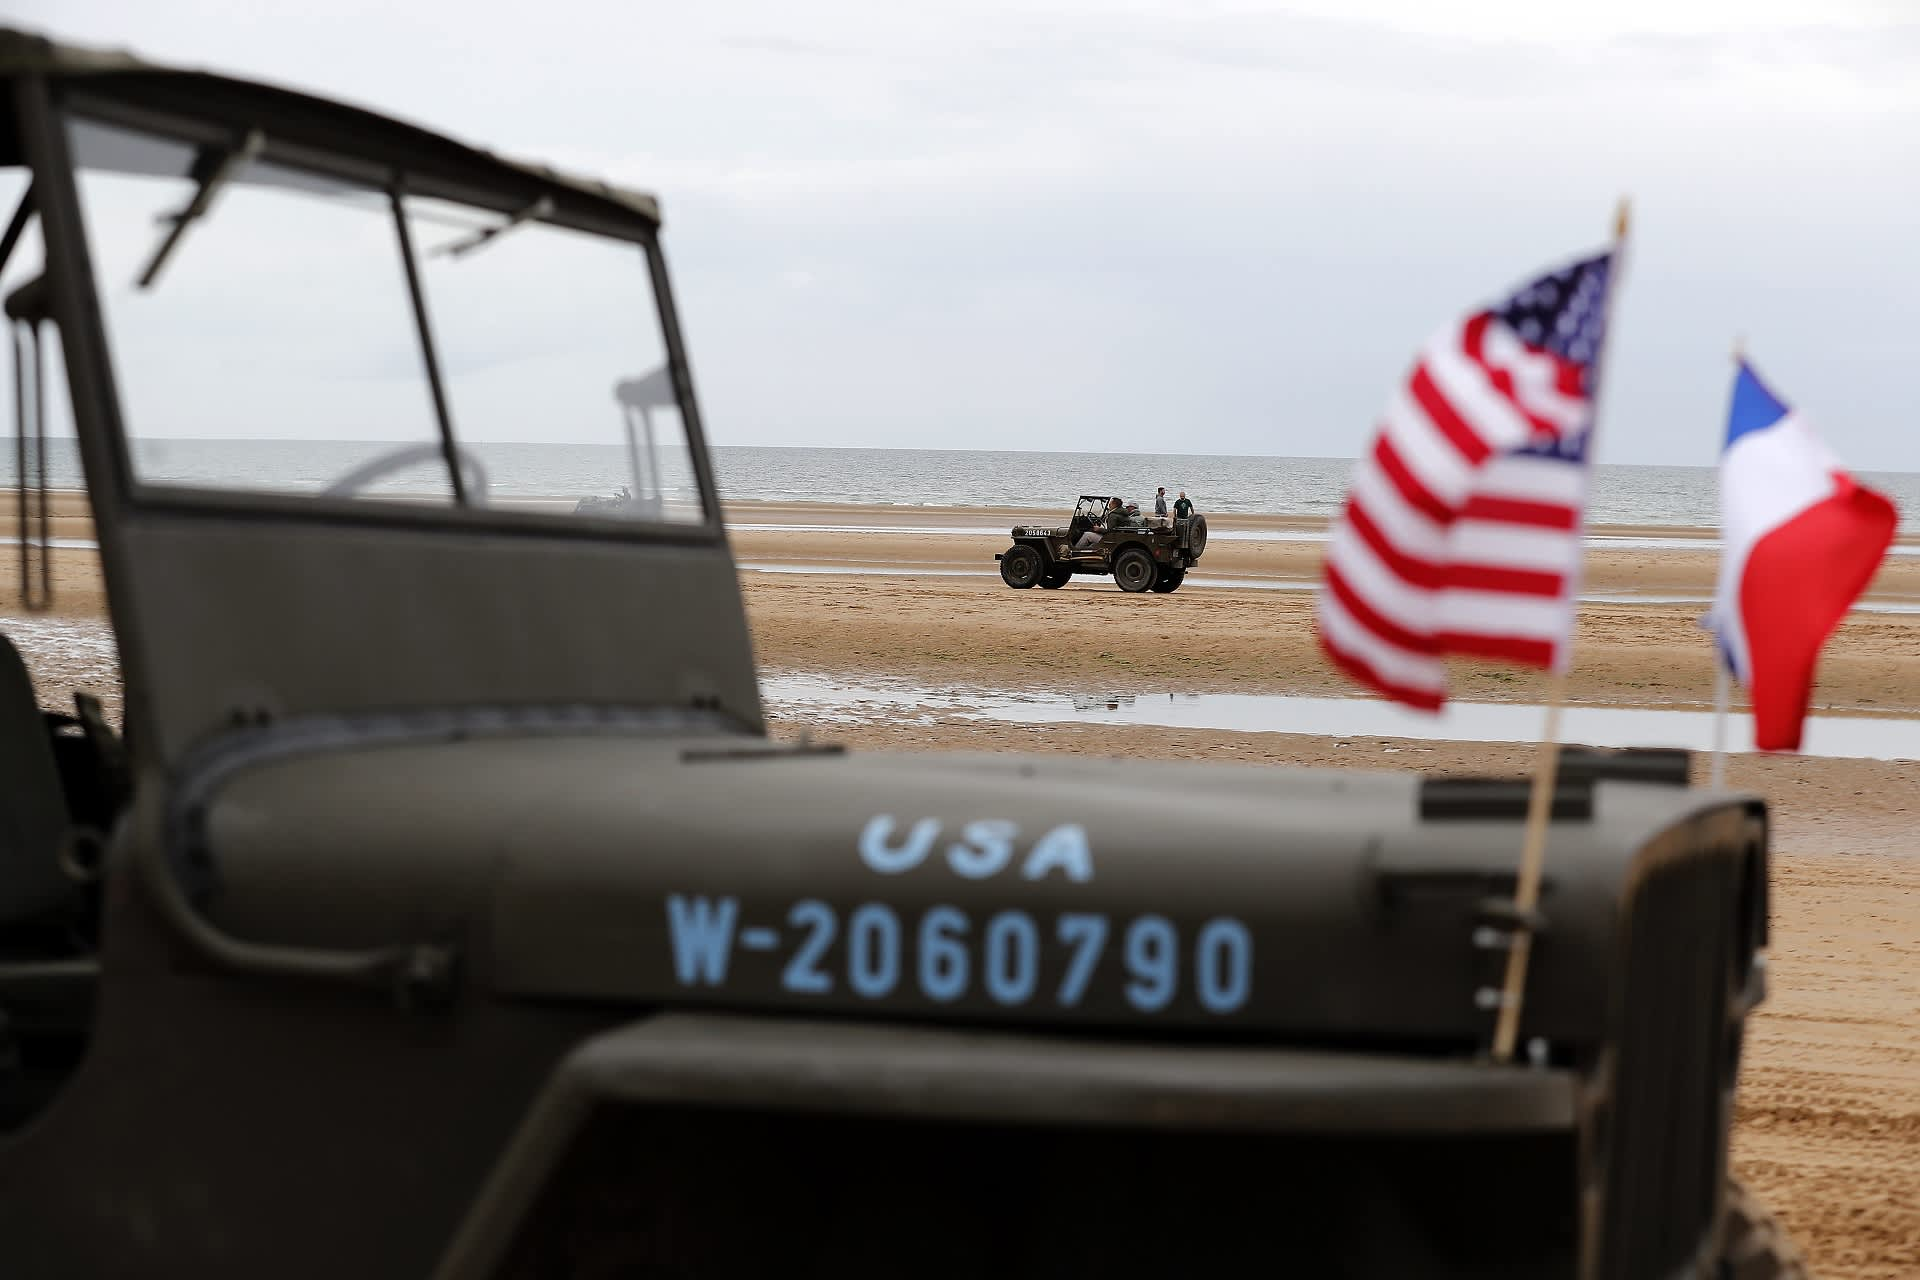 Yhdysvaltain ja Ranskan liput jeepin keulassa. Taustalla ranta ja meri.